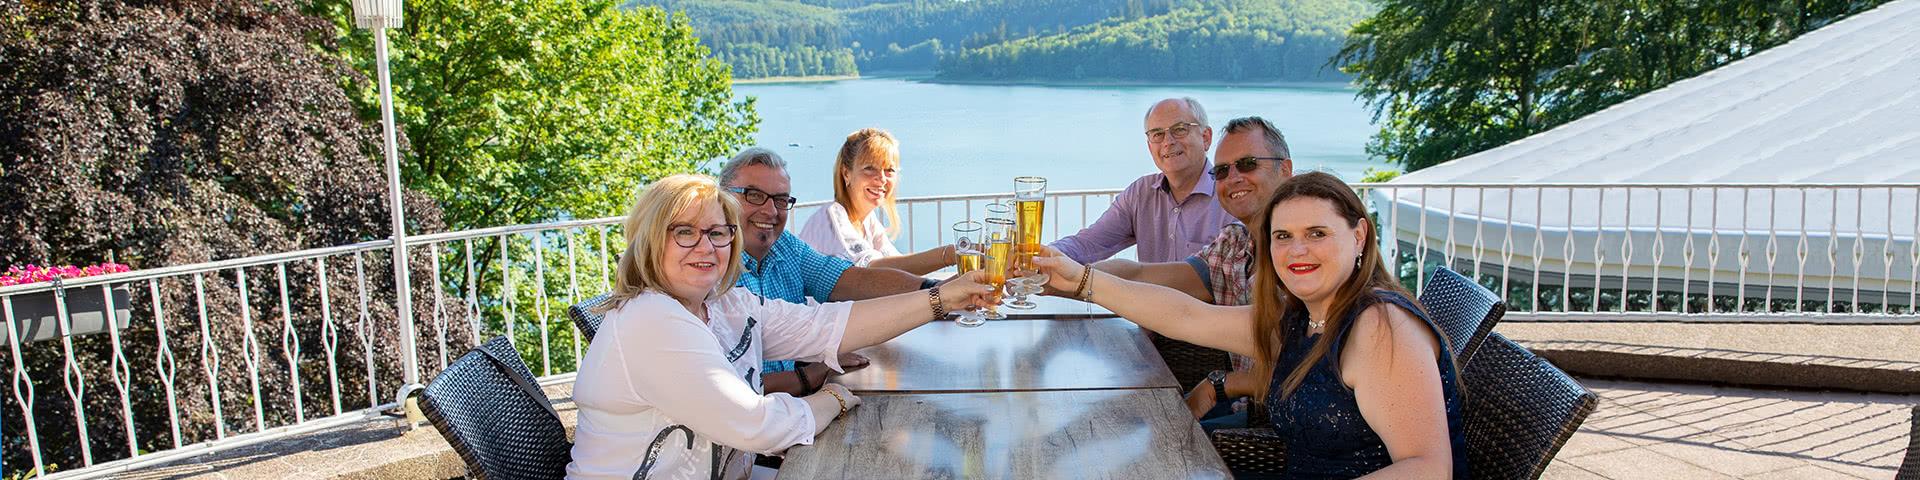 Gruppe trinkt gemeinsam Bier auf einer Terasse mit Blick auf den Hennesee